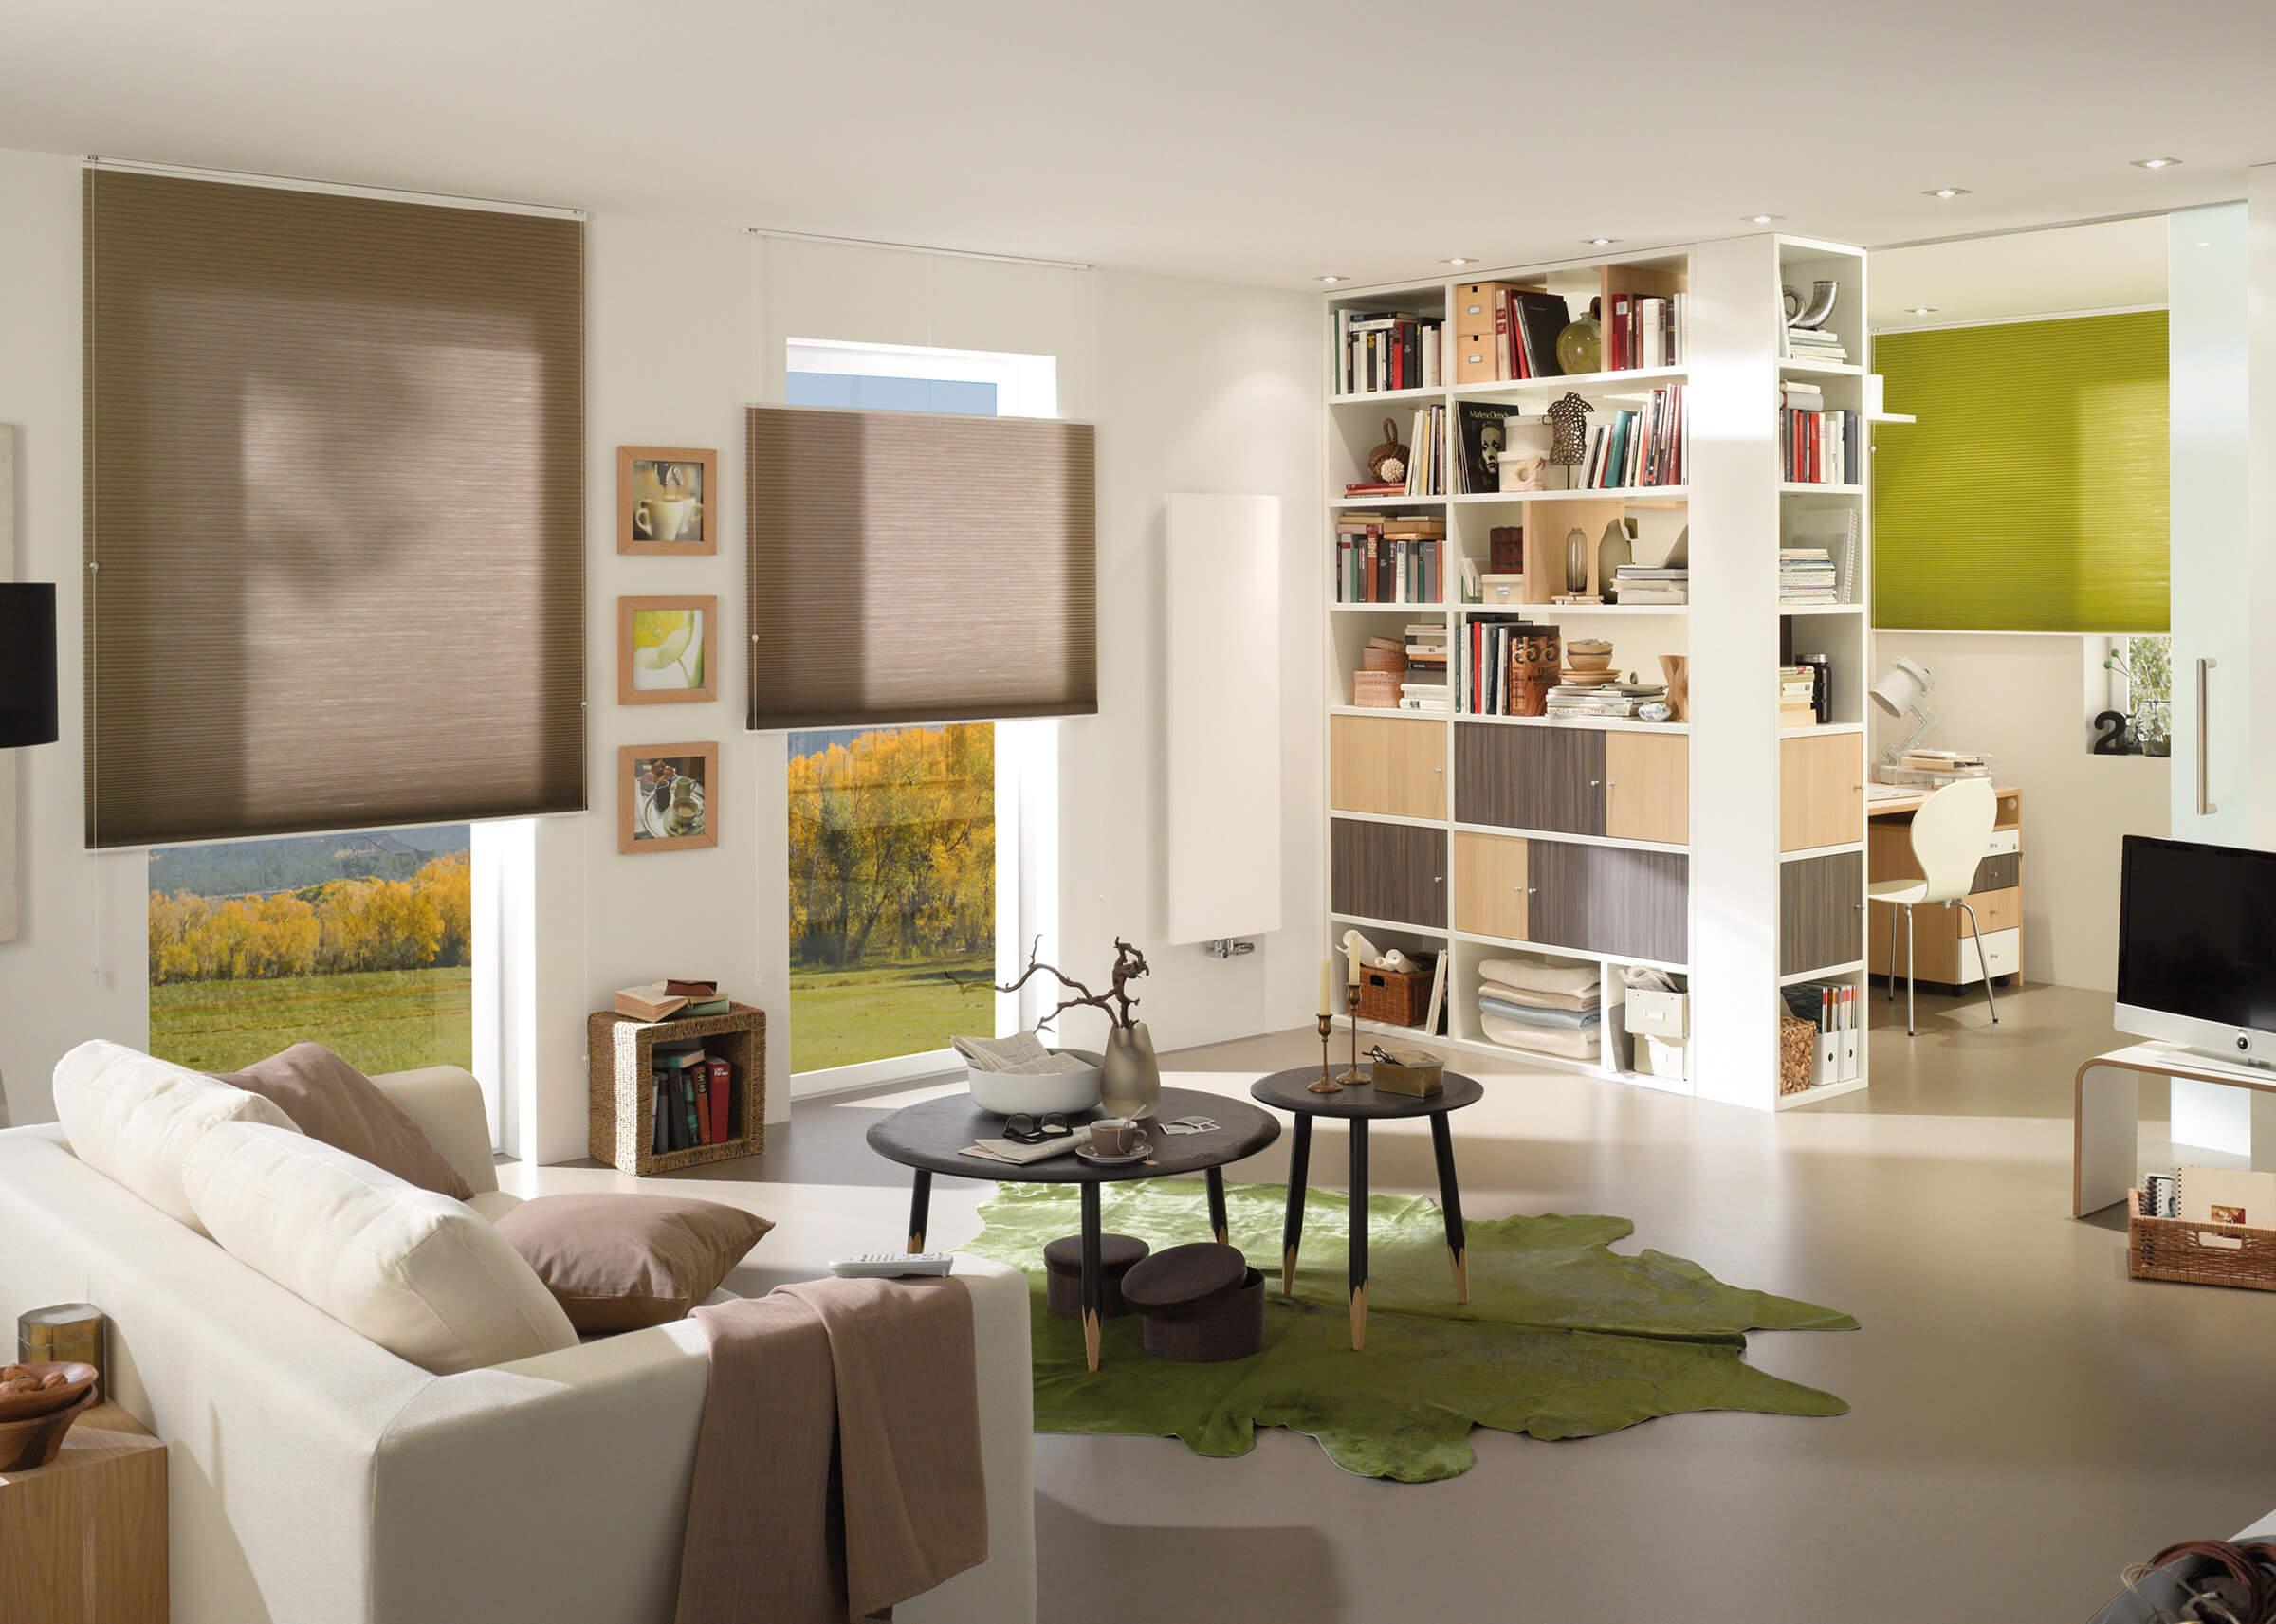 Braune Wabenplissees mit zwei Zugschnüren im Wohnzimmer